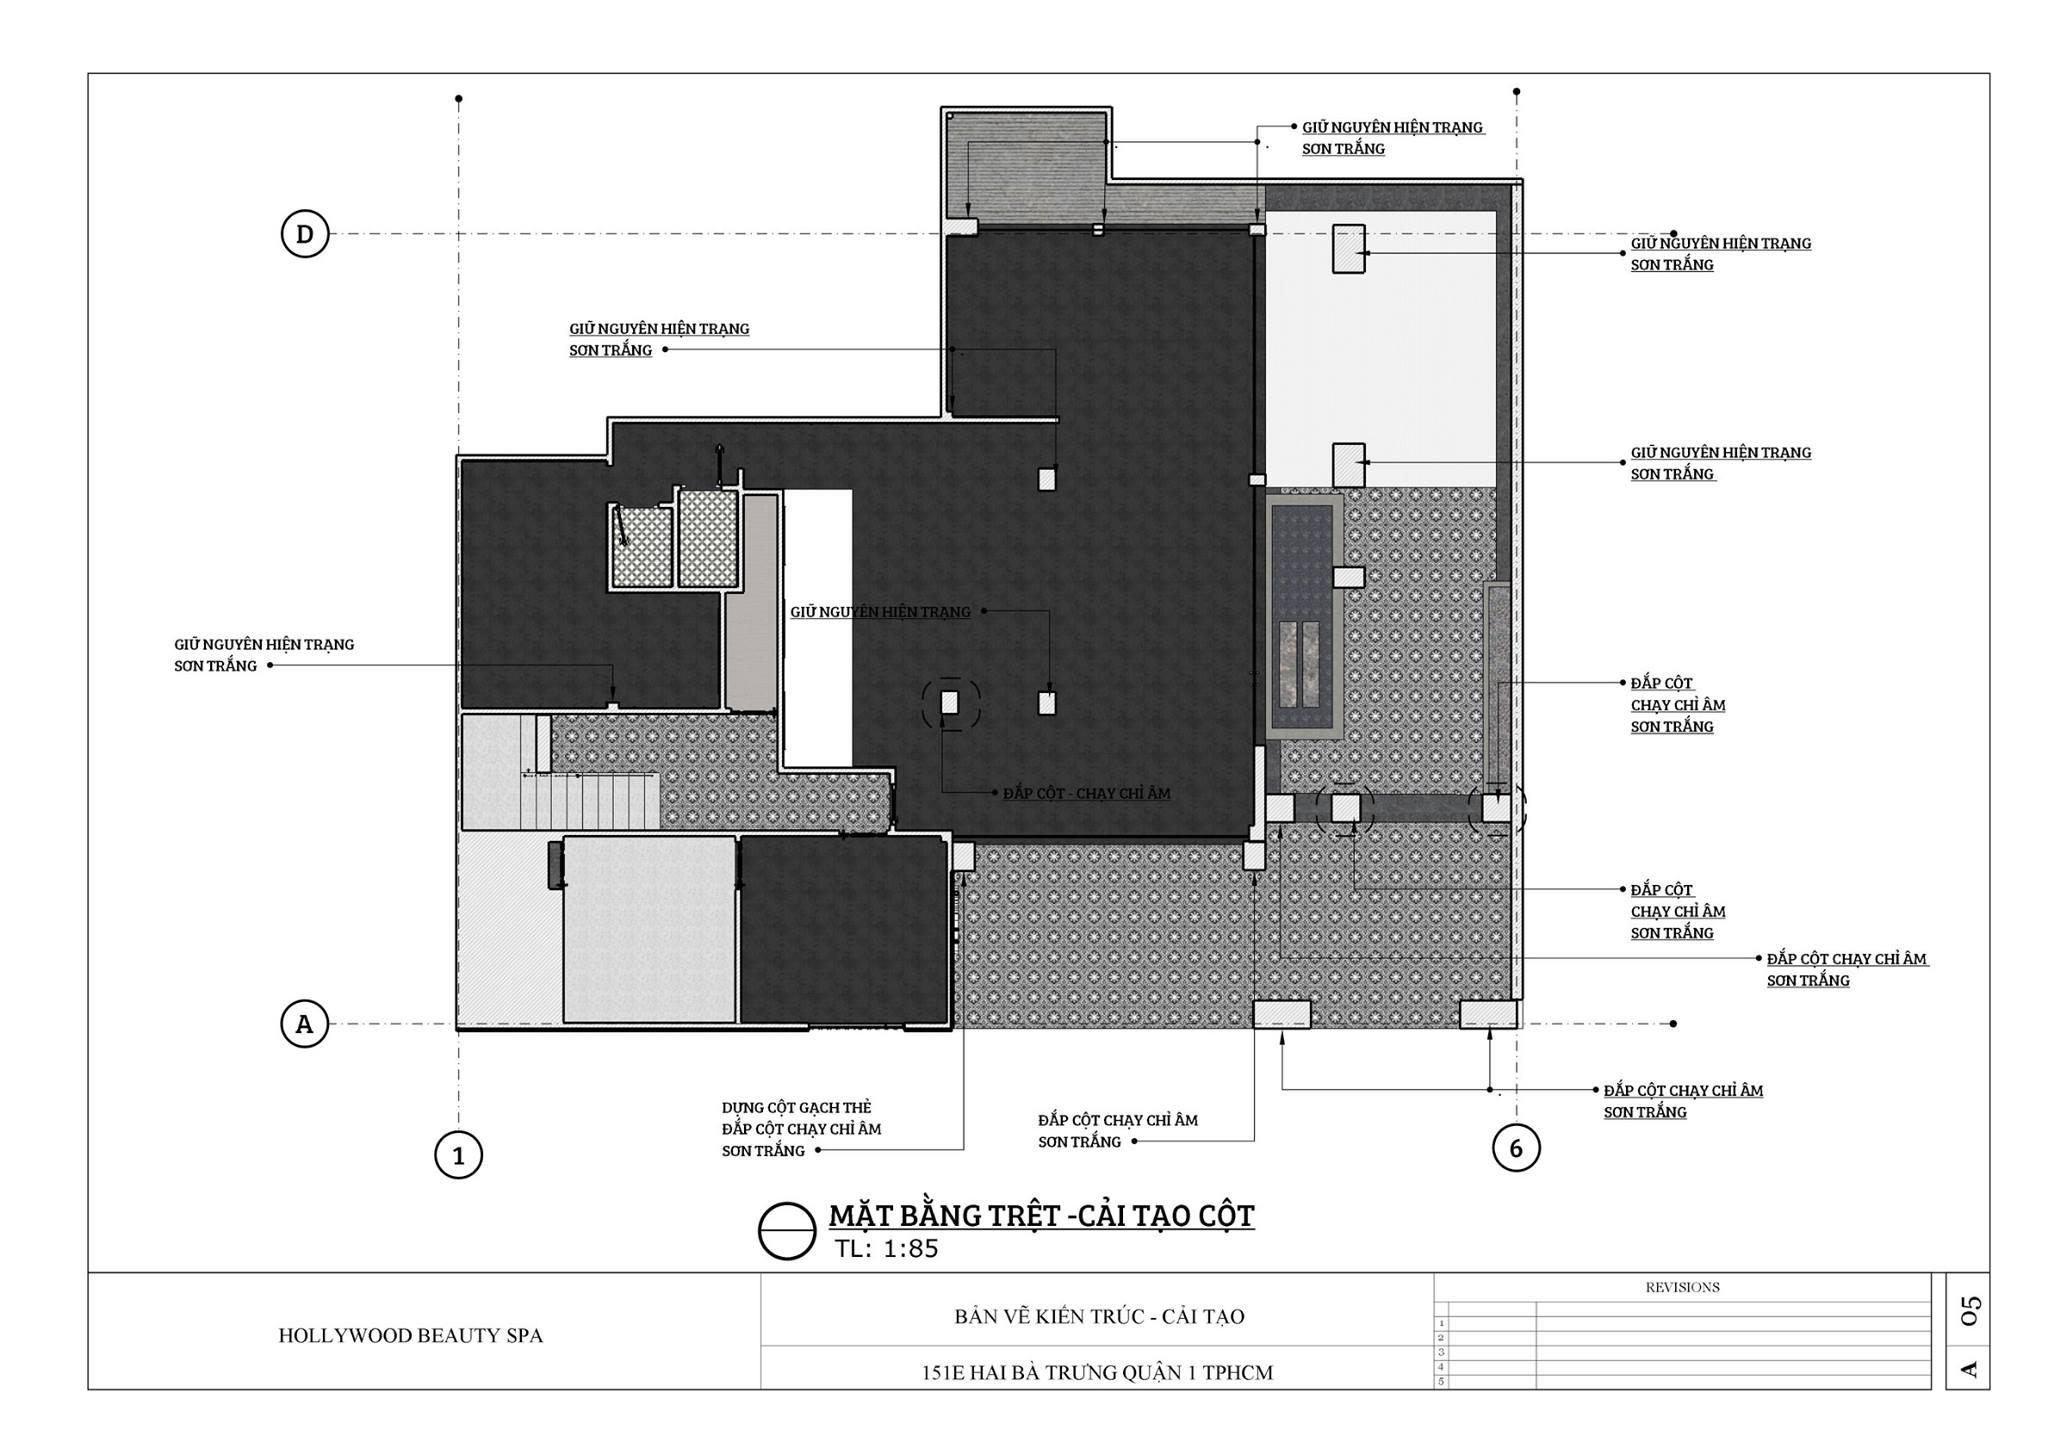 thiết kế nội thất Spa tại Hồ Chí Minh CẢI TẠO SPA - 06.2017 19 1534236532